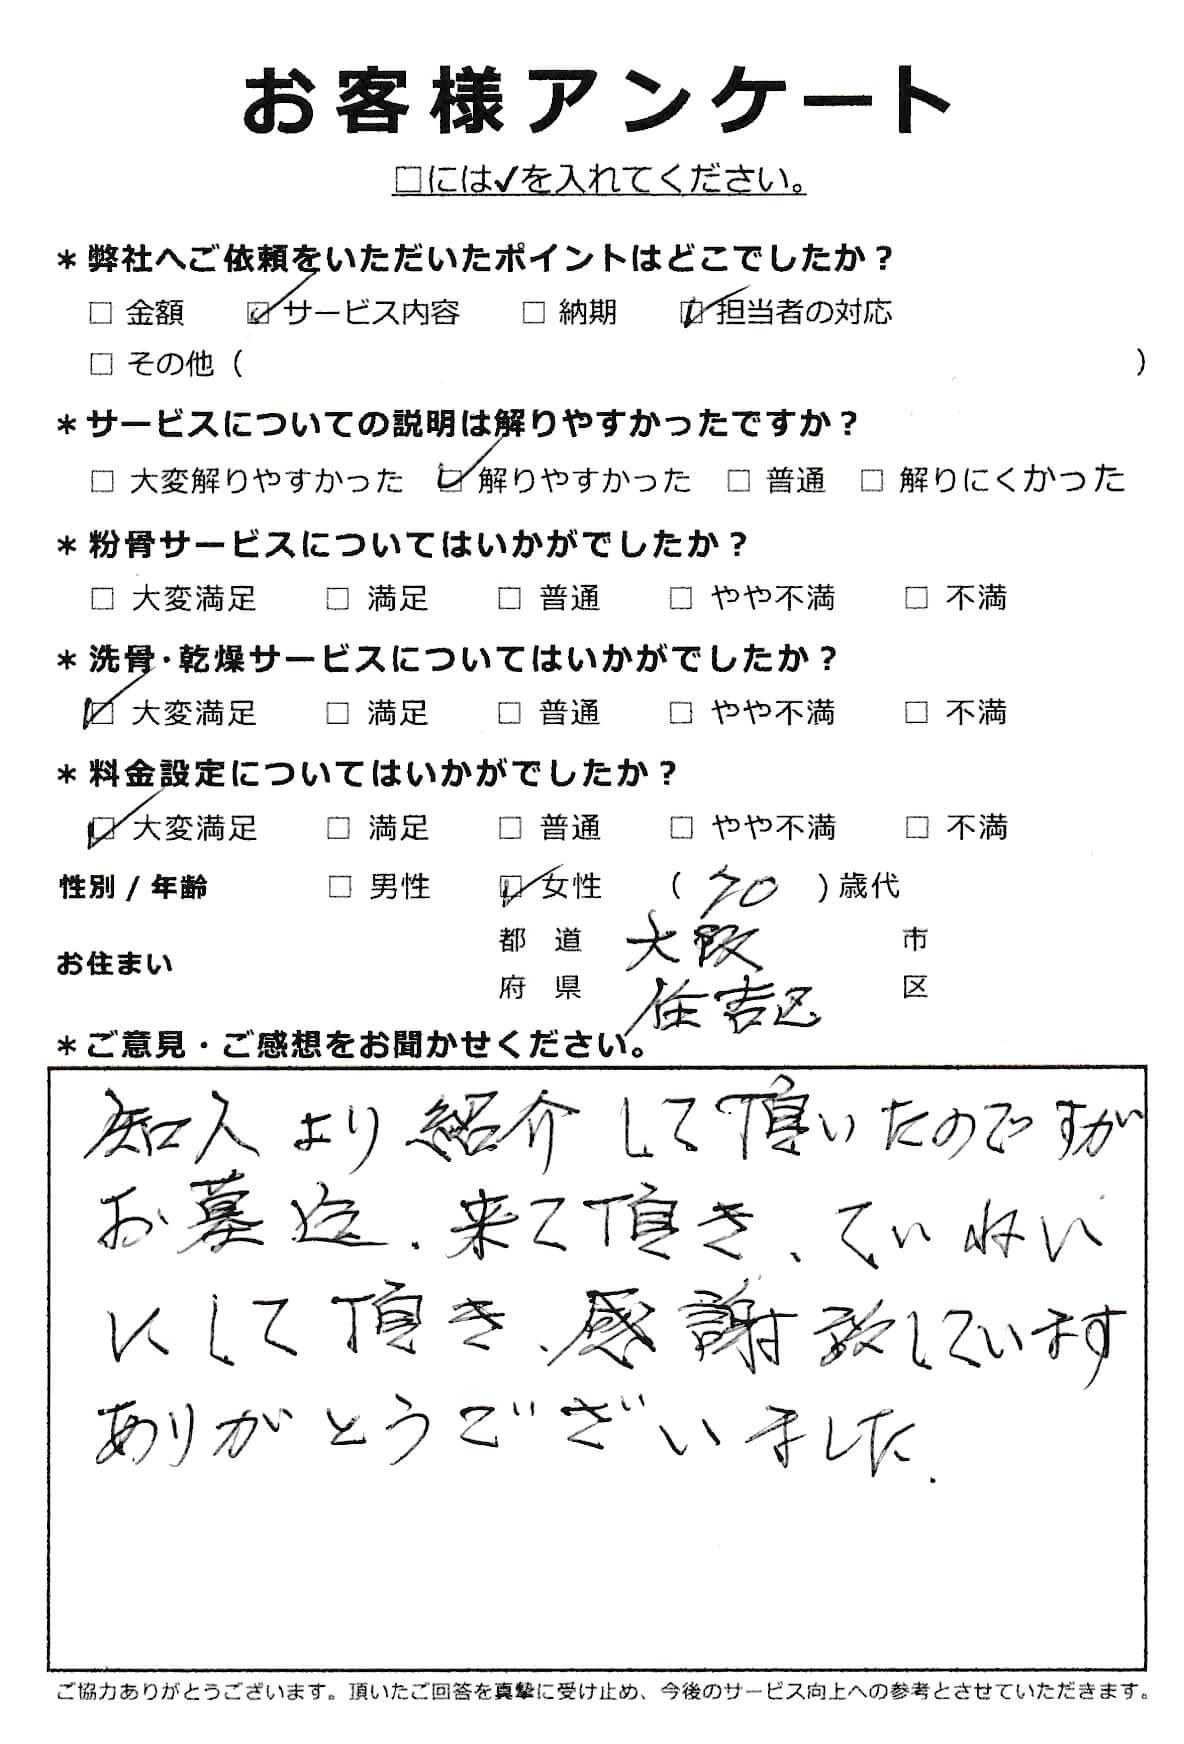 大阪市住吉区での粉骨・散骨サービス